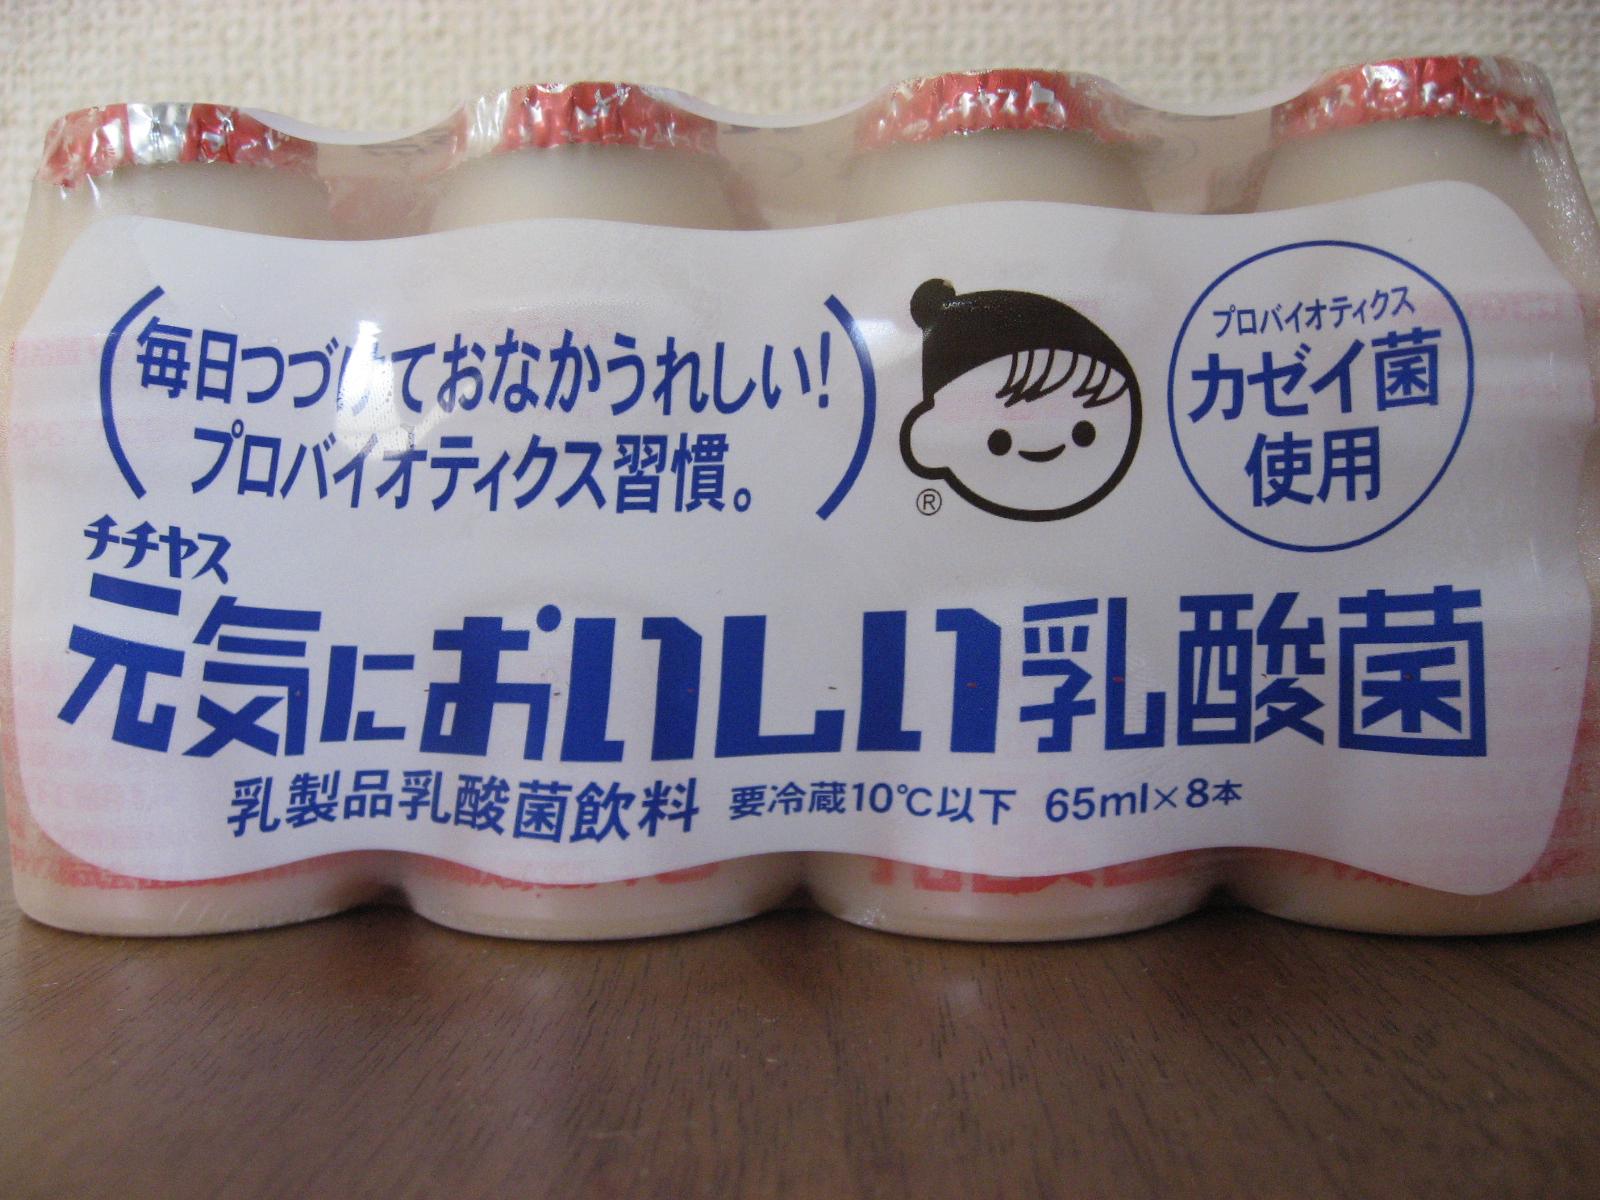 元気においしい 乳酸菌